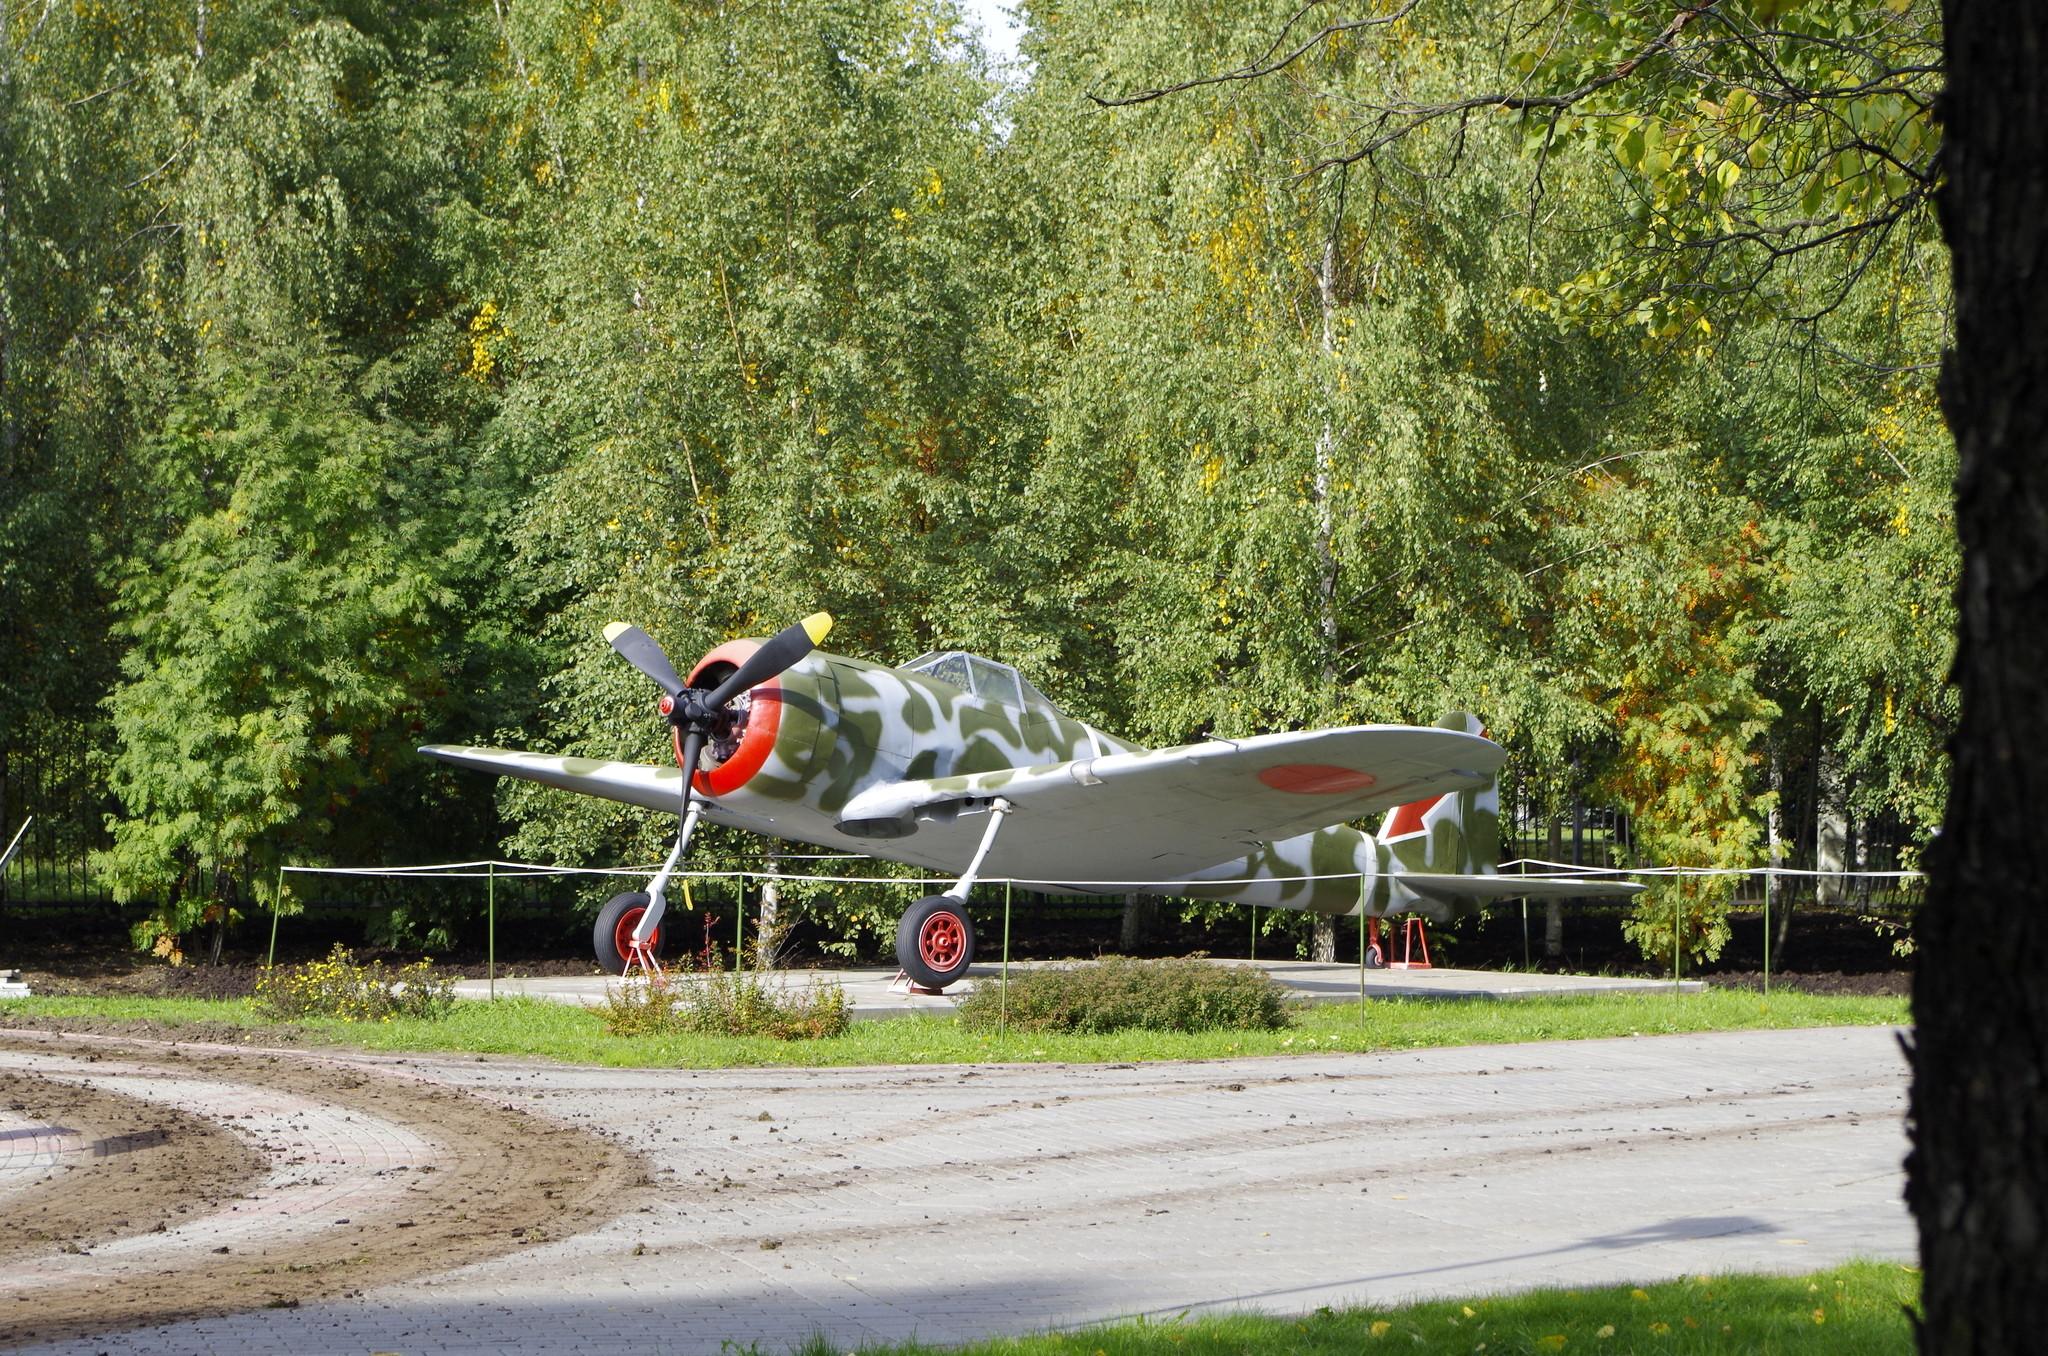 Истребитель Ки-43 «Хаябуса» в экспозиции Центрального музея Великой Отечественной войны 1941-1945 гг.